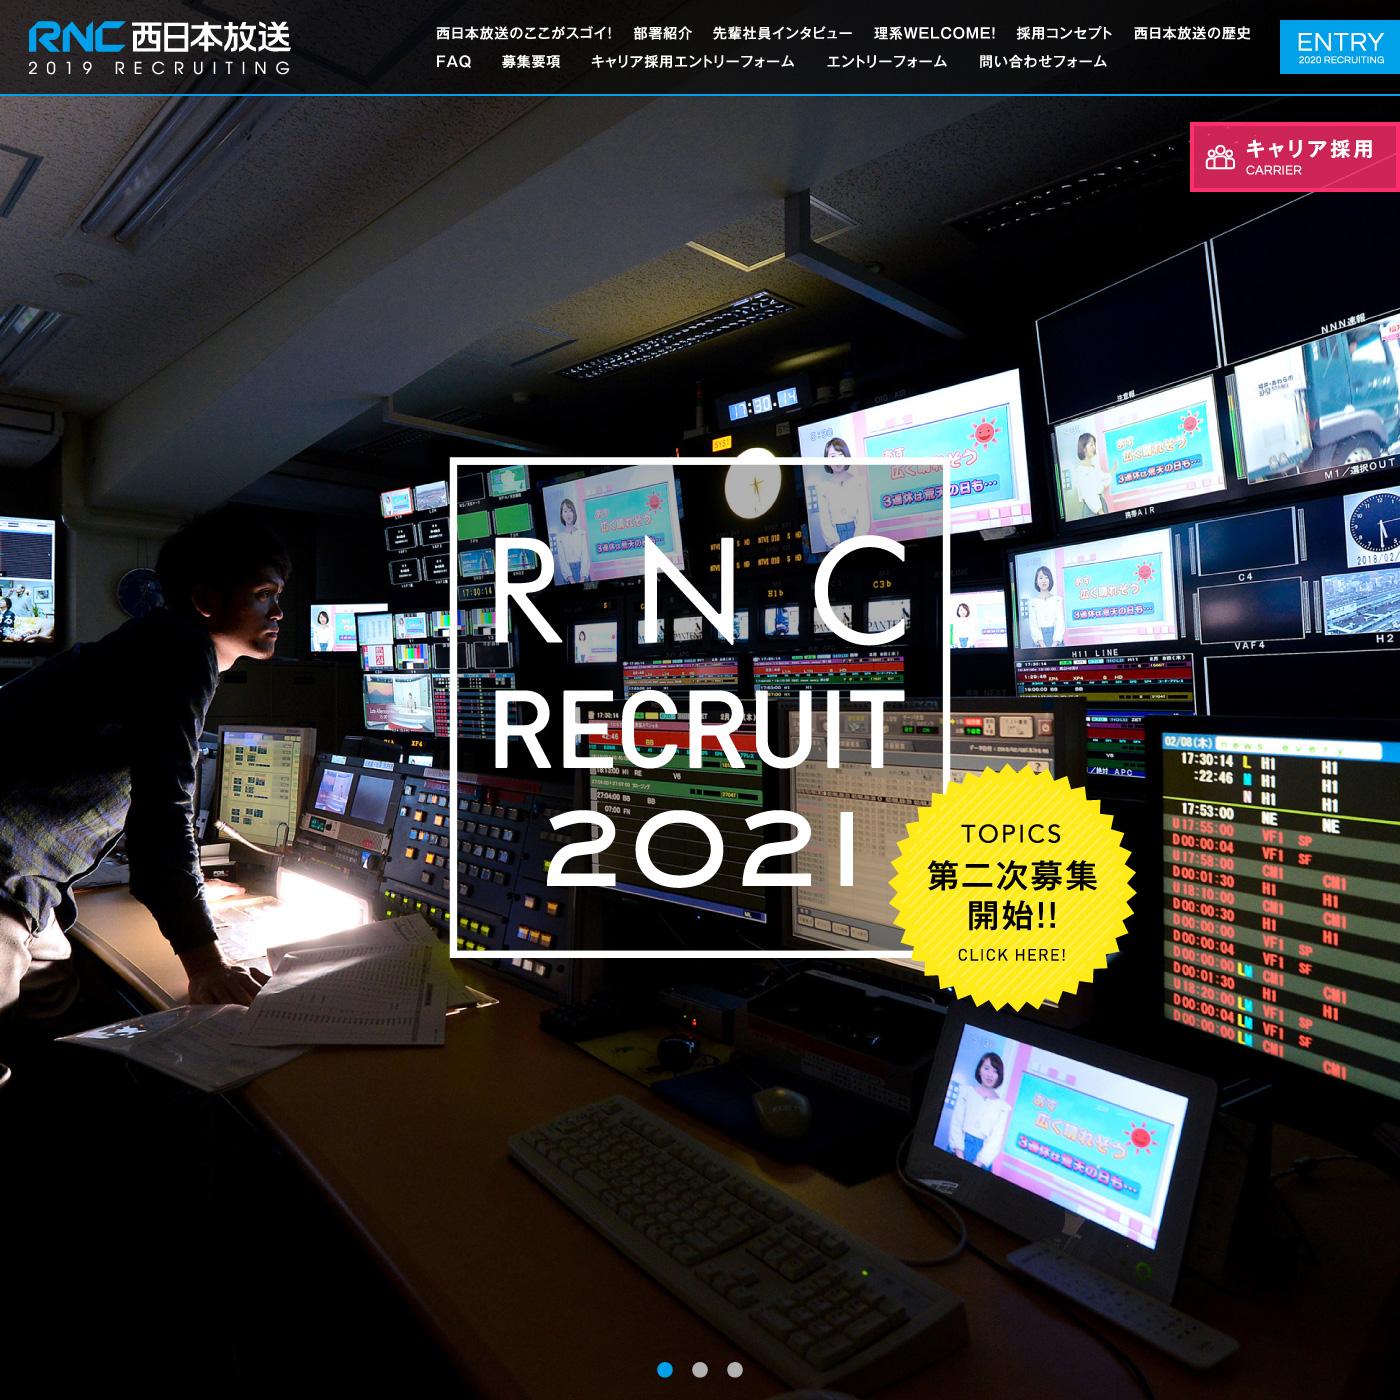 RNC,西日本放送,採用,リクルート